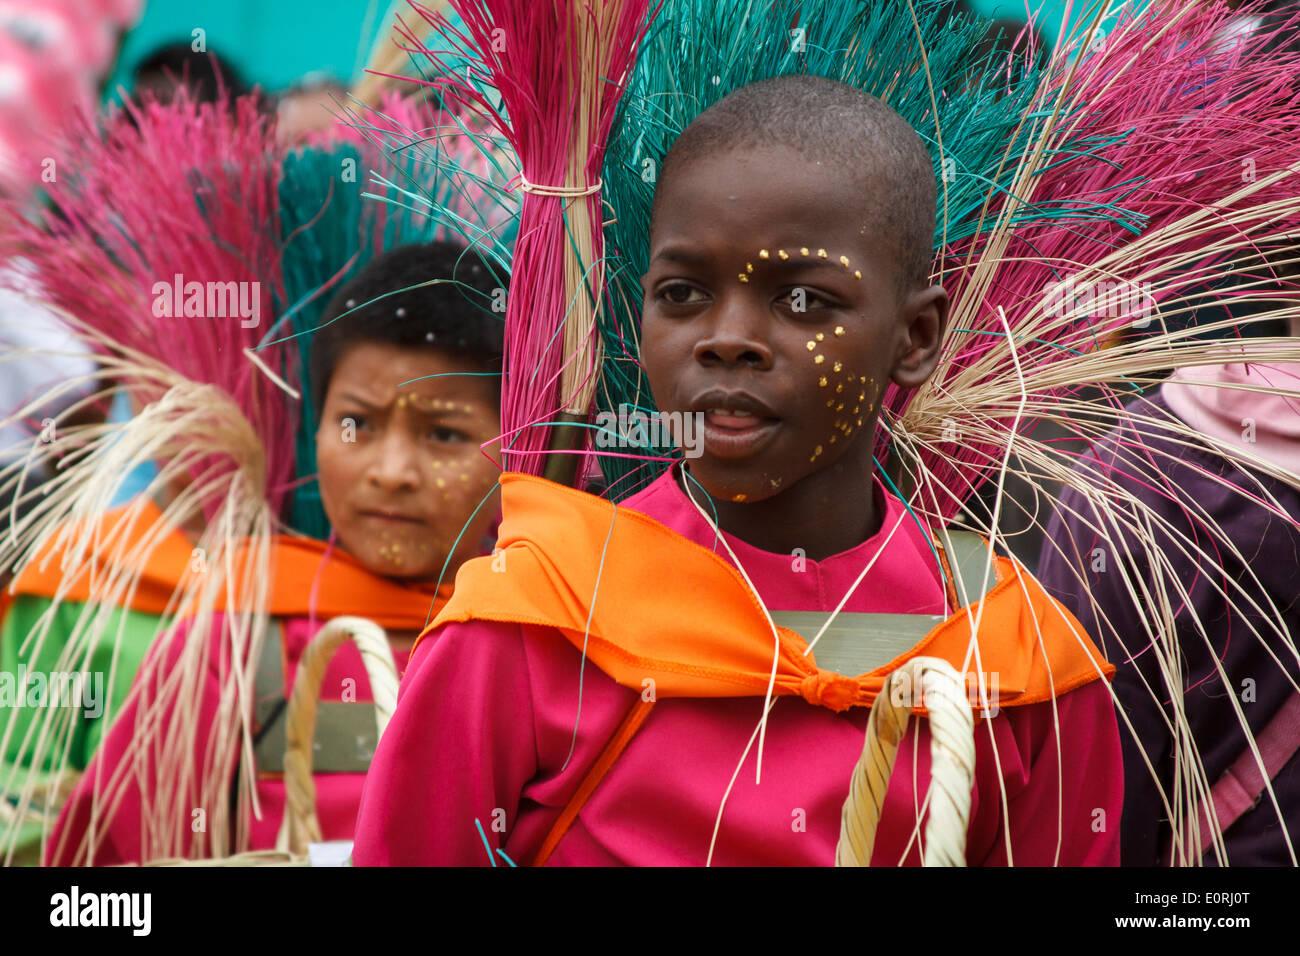 Carnaval de Negros y blancos, festival tradicional colombiana. Se celebra del 2 al 7 de enero de cada año. Imagen De Stock